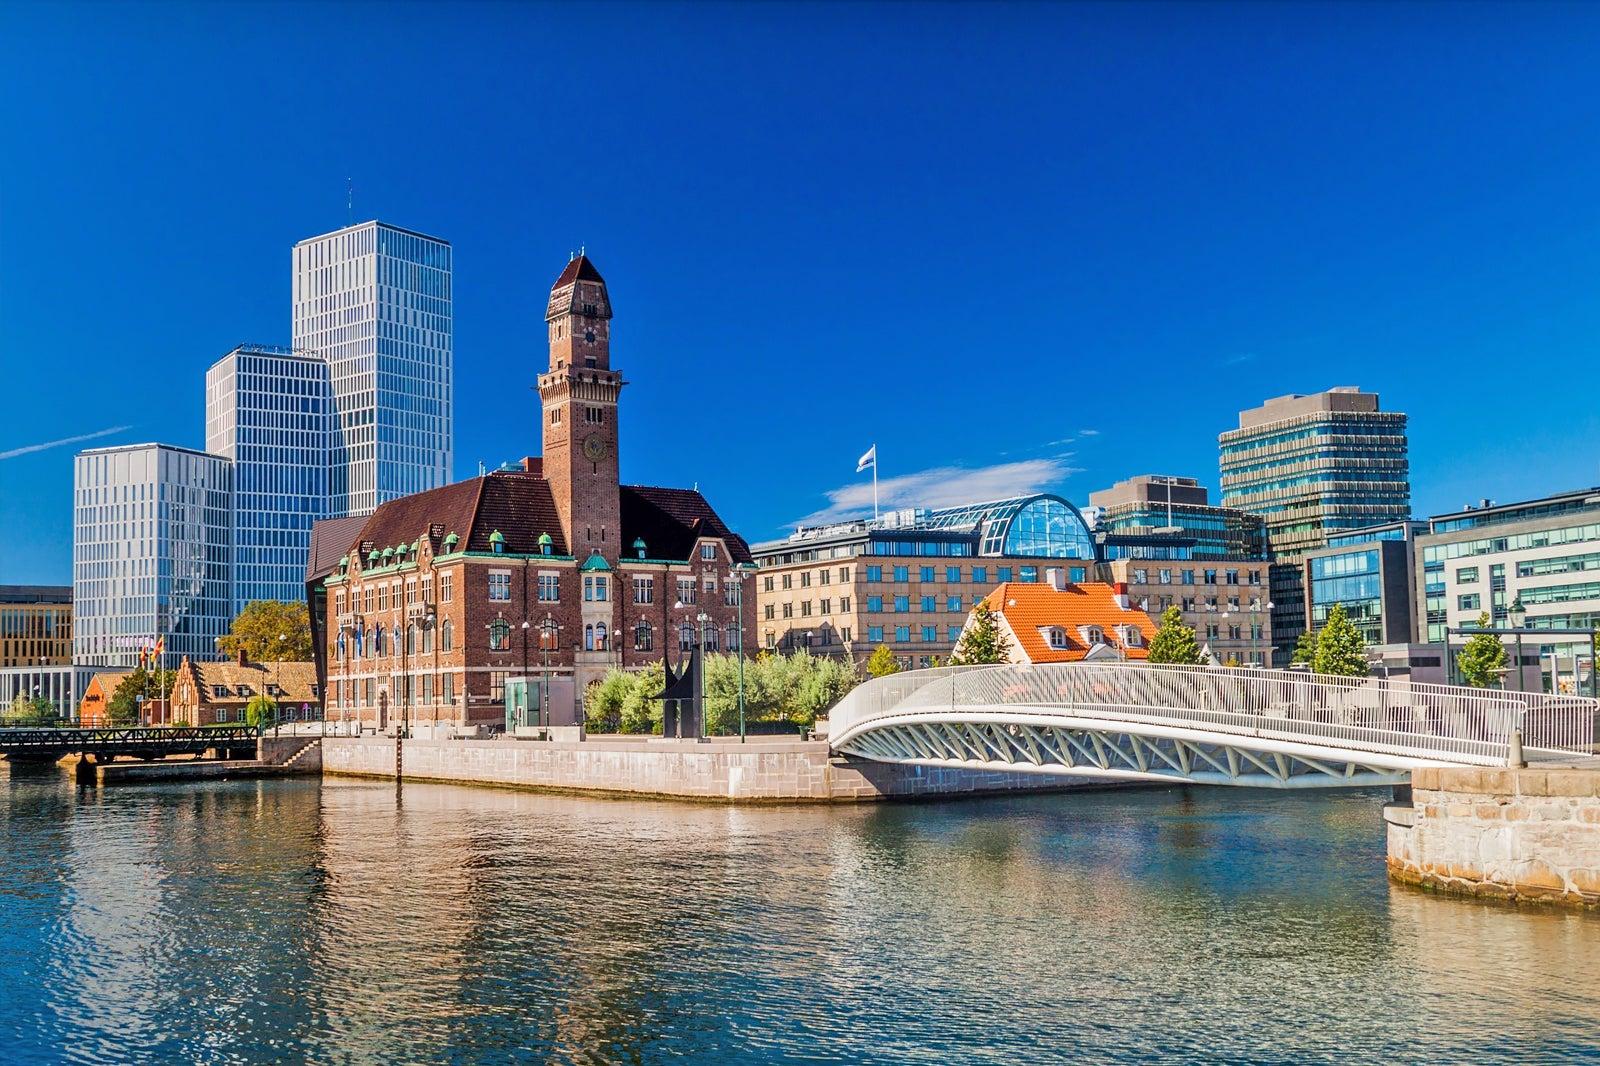 25 bsta bilderna p Lewerentz | Arkitektur, Asplund